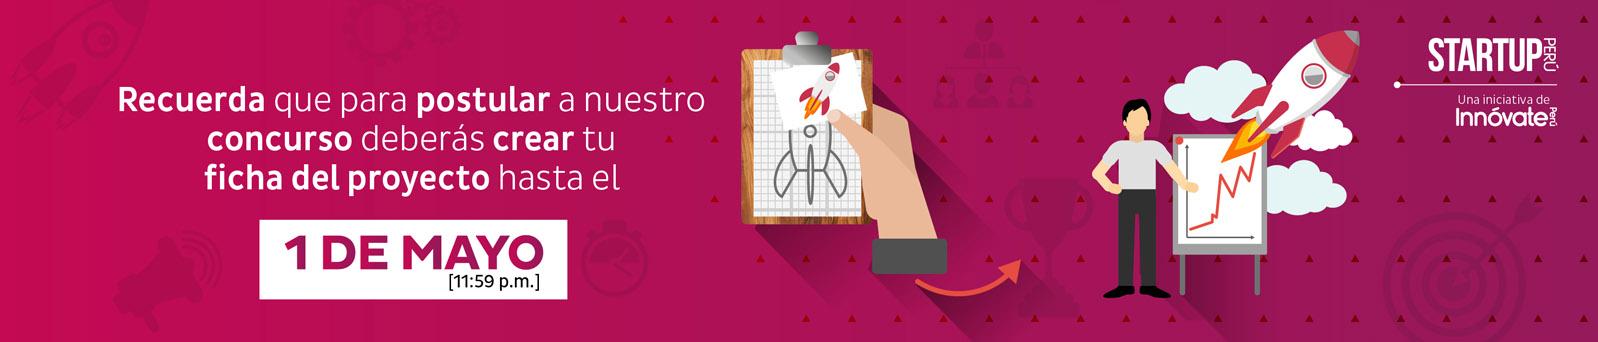 Startup Perú - cierre 1 mayo